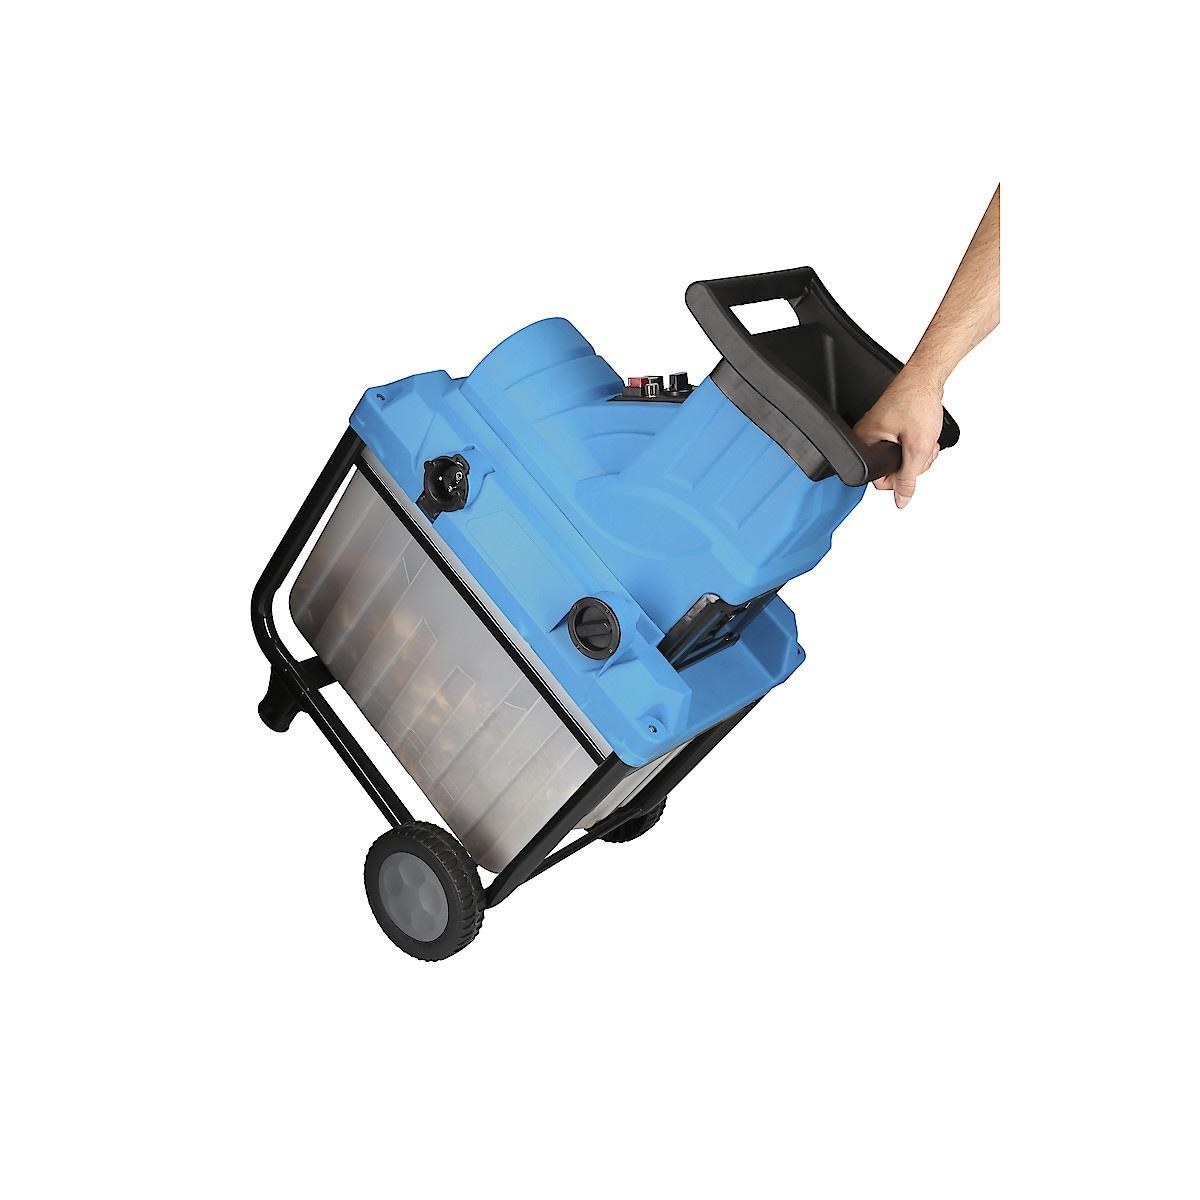 Häcksler Cocraft HS 2800-C